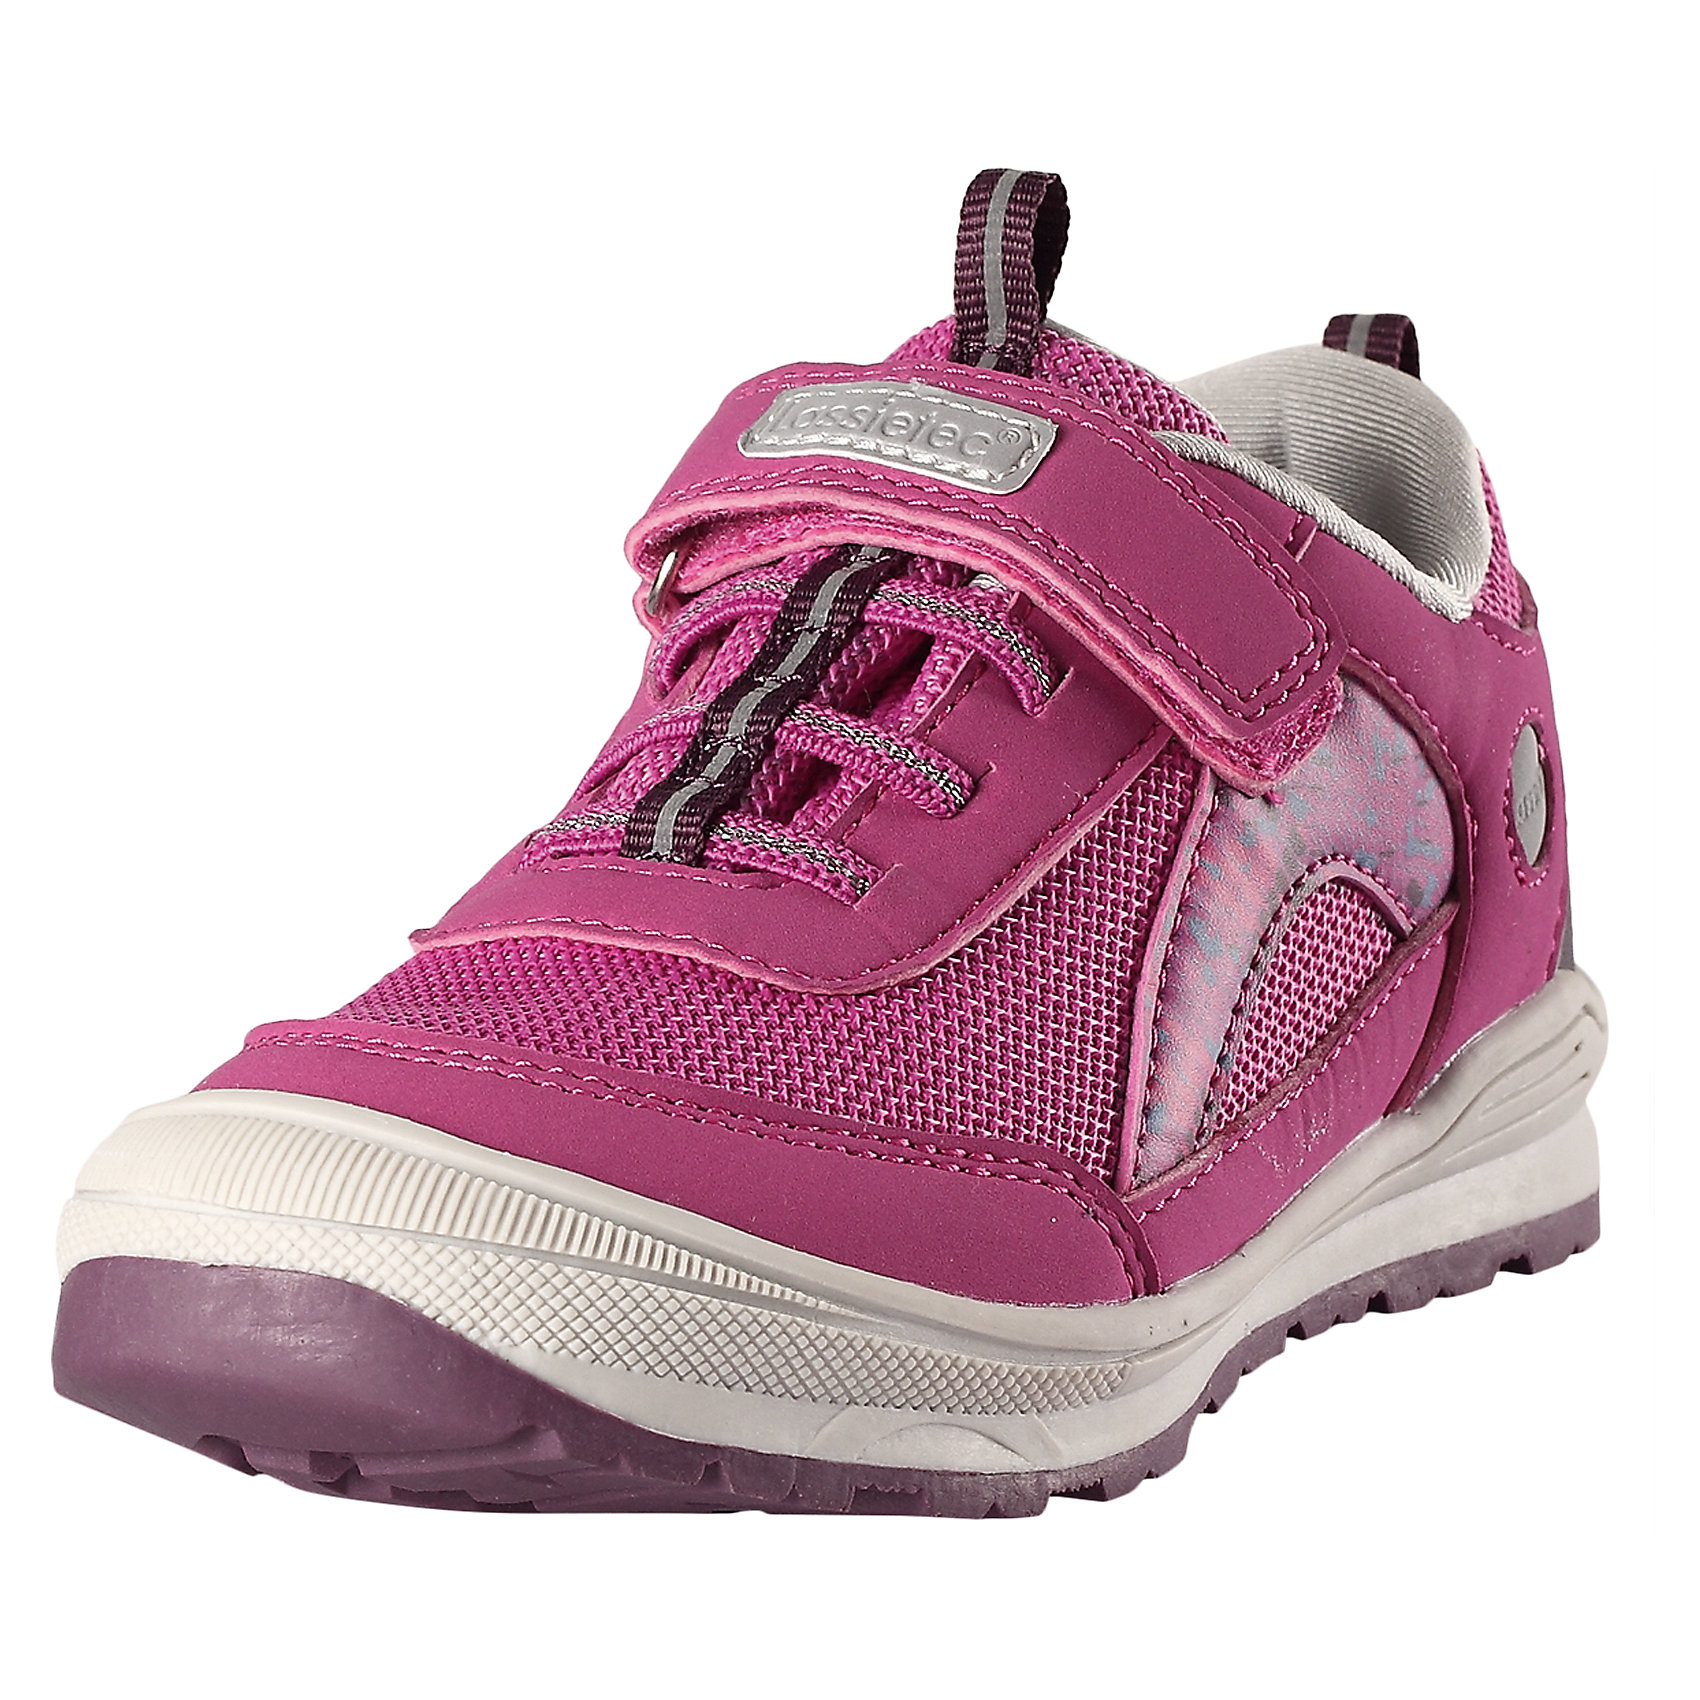 Кроссовки для девочки LASSIEОбувь<br>Характеристики товара:<br><br>• цвет: розовый<br>• состав: верх - ПУ/ПЭ, подошва - резина термопластичная<br>• застежка: липучка, шнуровка<br>• мягкая текстильная подкладка<br>• усиленные пятка и носок<br>• съемные стельки<br>• светоотражающие детали<br>• страна производства: Китай<br>• страна бренда: Финляндия<br>• коллекция: весна-лето 2017<br><br>Демисезонная обувь может быть модной и комфортной одновременно! Удобные стильные кроссовки помогут обеспечить ребенку комфорт и дополнить наряд. Они отлично смотрятся с различной одеждой. Кроссовки удобно сидят на ноге и аккуратно смотрятся. Легко чистятся и долго служат. Продуманная конструкция разрабатывалась специально для детей.<br><br>Обувь и одежда от финского бренда LASSIE пользуются популярностью во многих странах. Они стильные, качественные и удобные. Для производства продукции используются только безопасные, проверенные материалы и фурнитура. Порадуйте ребенка модными и красивыми вещами от Lassie®! <br><br>Кроссовки для девочки от финского бренда LASSIE можно купить в нашем интернет-магазине.<br><br>Ширина мм: 262<br>Глубина мм: 176<br>Высота мм: 97<br>Вес г: 427<br>Цвет: розовый<br>Возраст от месяцев: 48<br>Возраст до месяцев: 60<br>Пол: Женский<br>Возраст: Детский<br>Размер: 28,33,31,24,25,26,27,29,30,32,34,35<br>SKU: 5263344